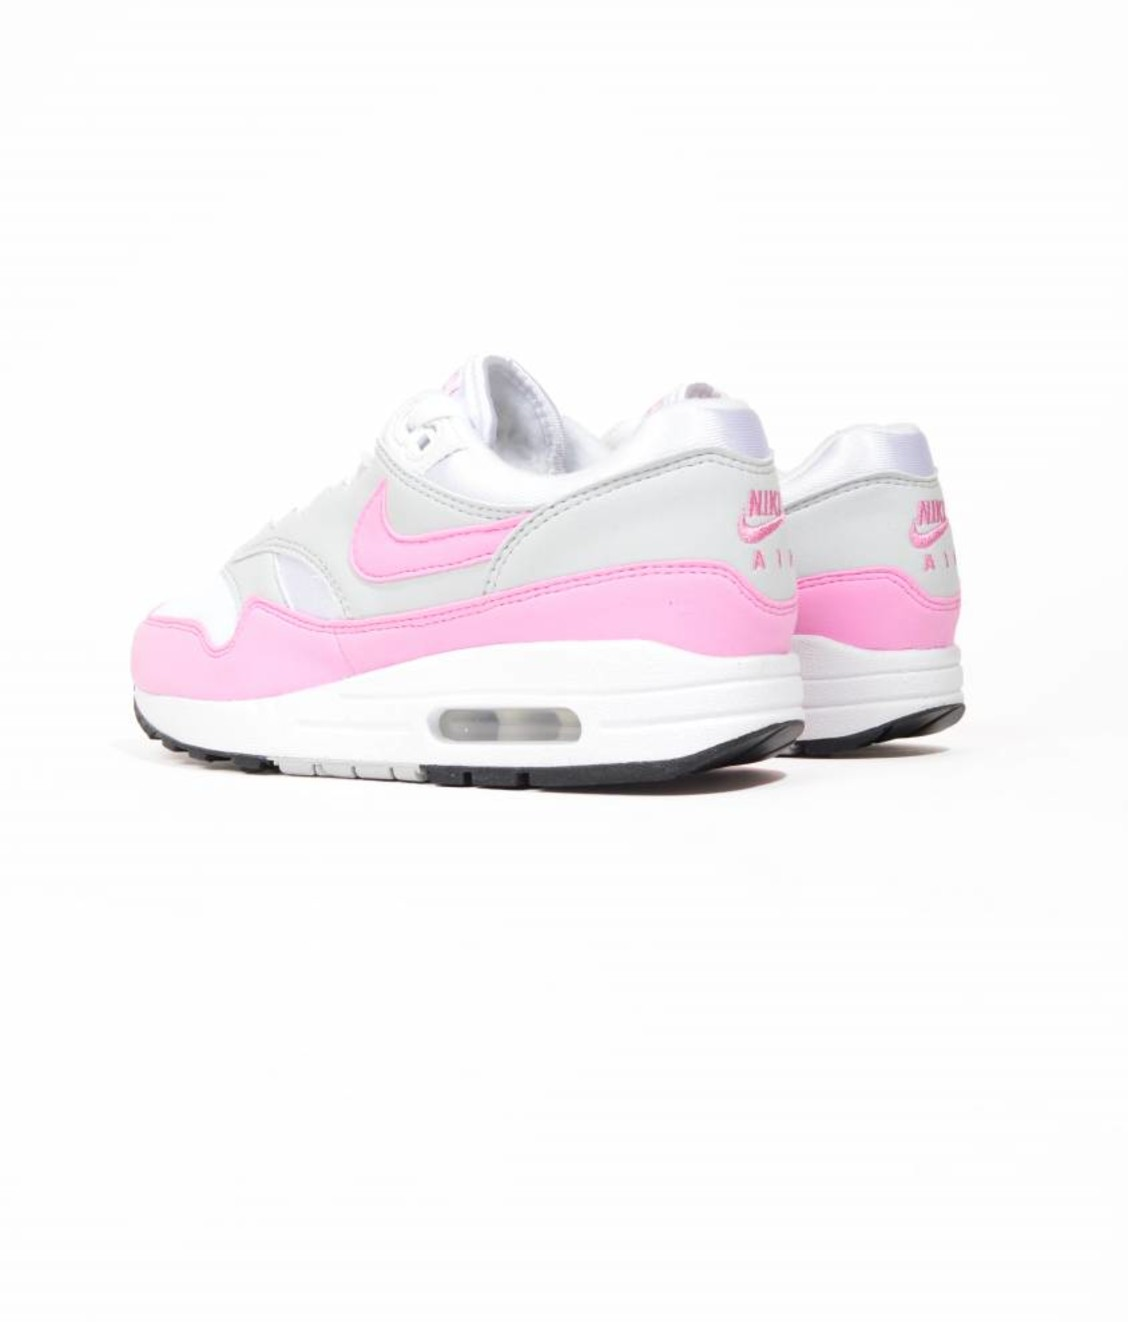 Nike Damen Laufschuhe, Farbe Pink, Marke, Modell Damen Laufschuhe Air Force 1 07 LX Pink